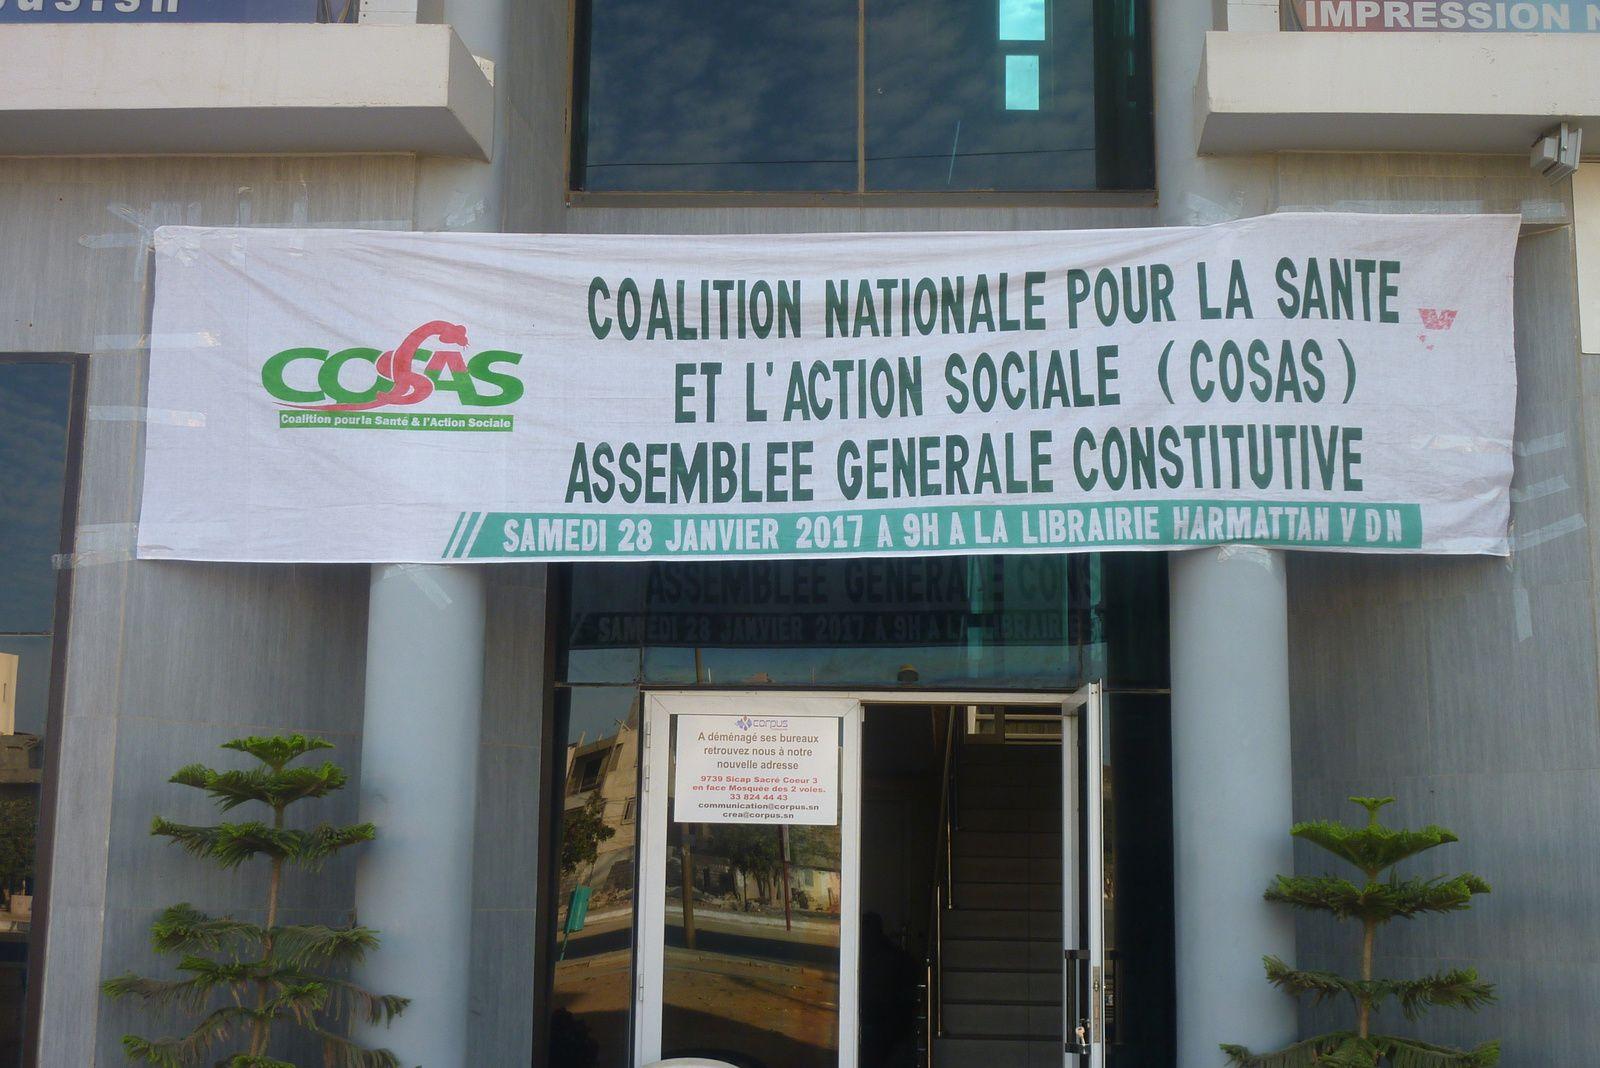 ASSEMBLÉE GÉNÉRALE CONSTITUTIVE DE LA COALITION POUR LA SANTÉ ET L'ACTION SOCIALE